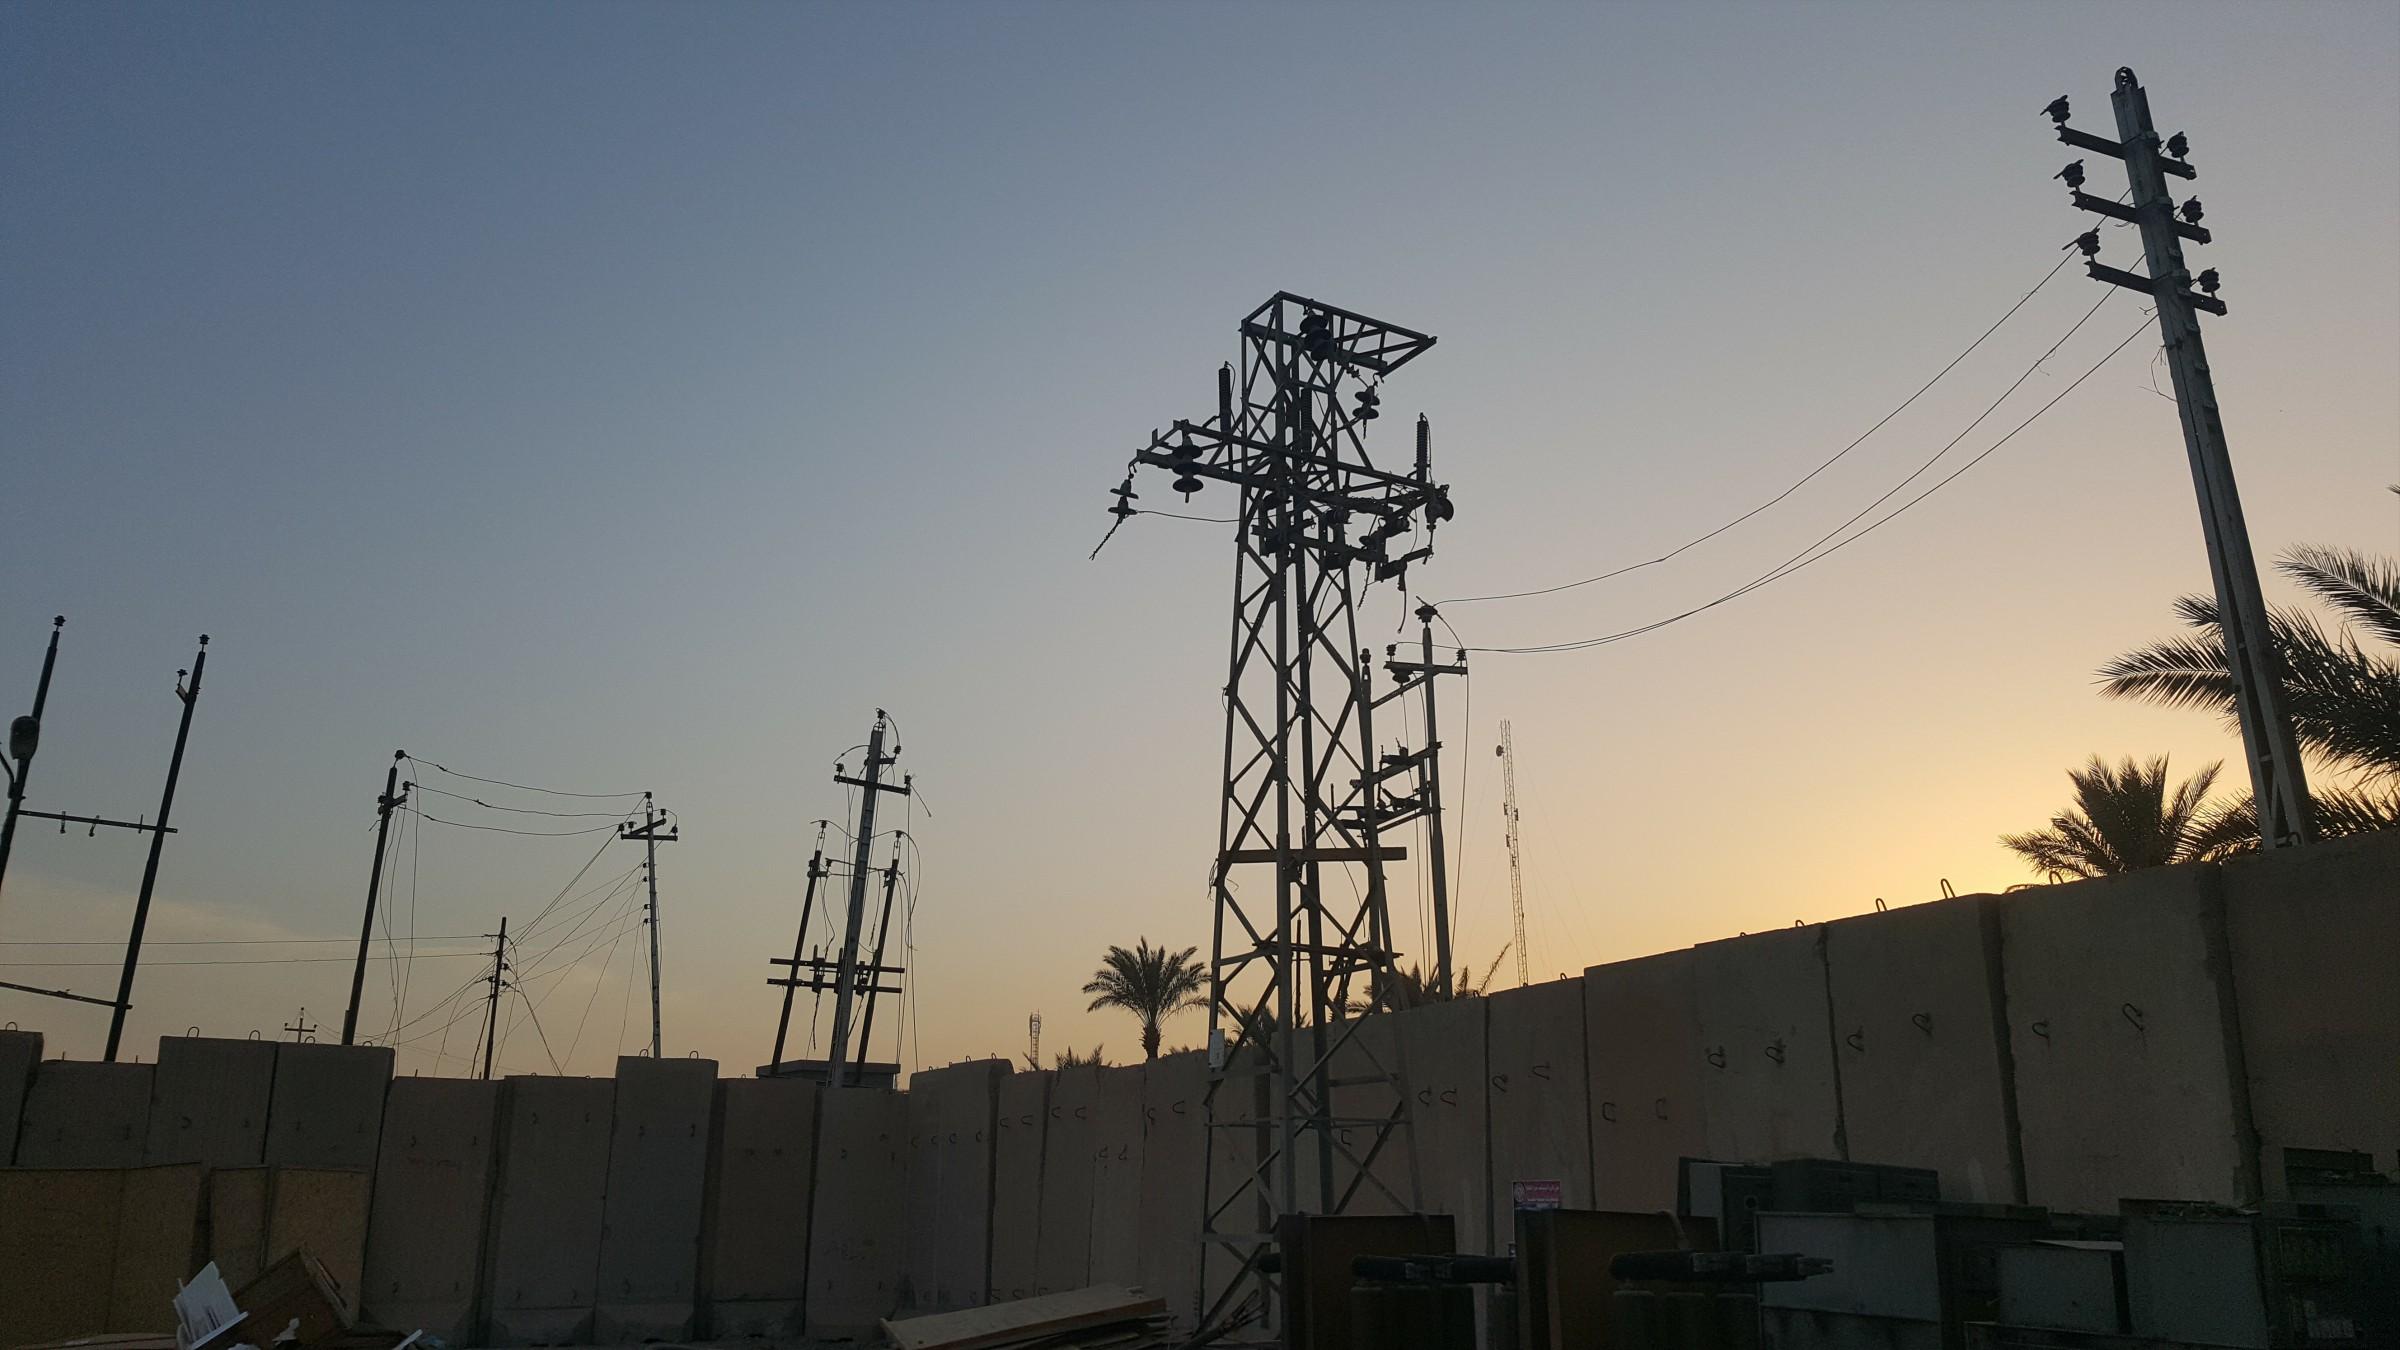 مجلس القائم يناشد الكهرباء بإصلاح الخط الناقل بين راوة والقضاء